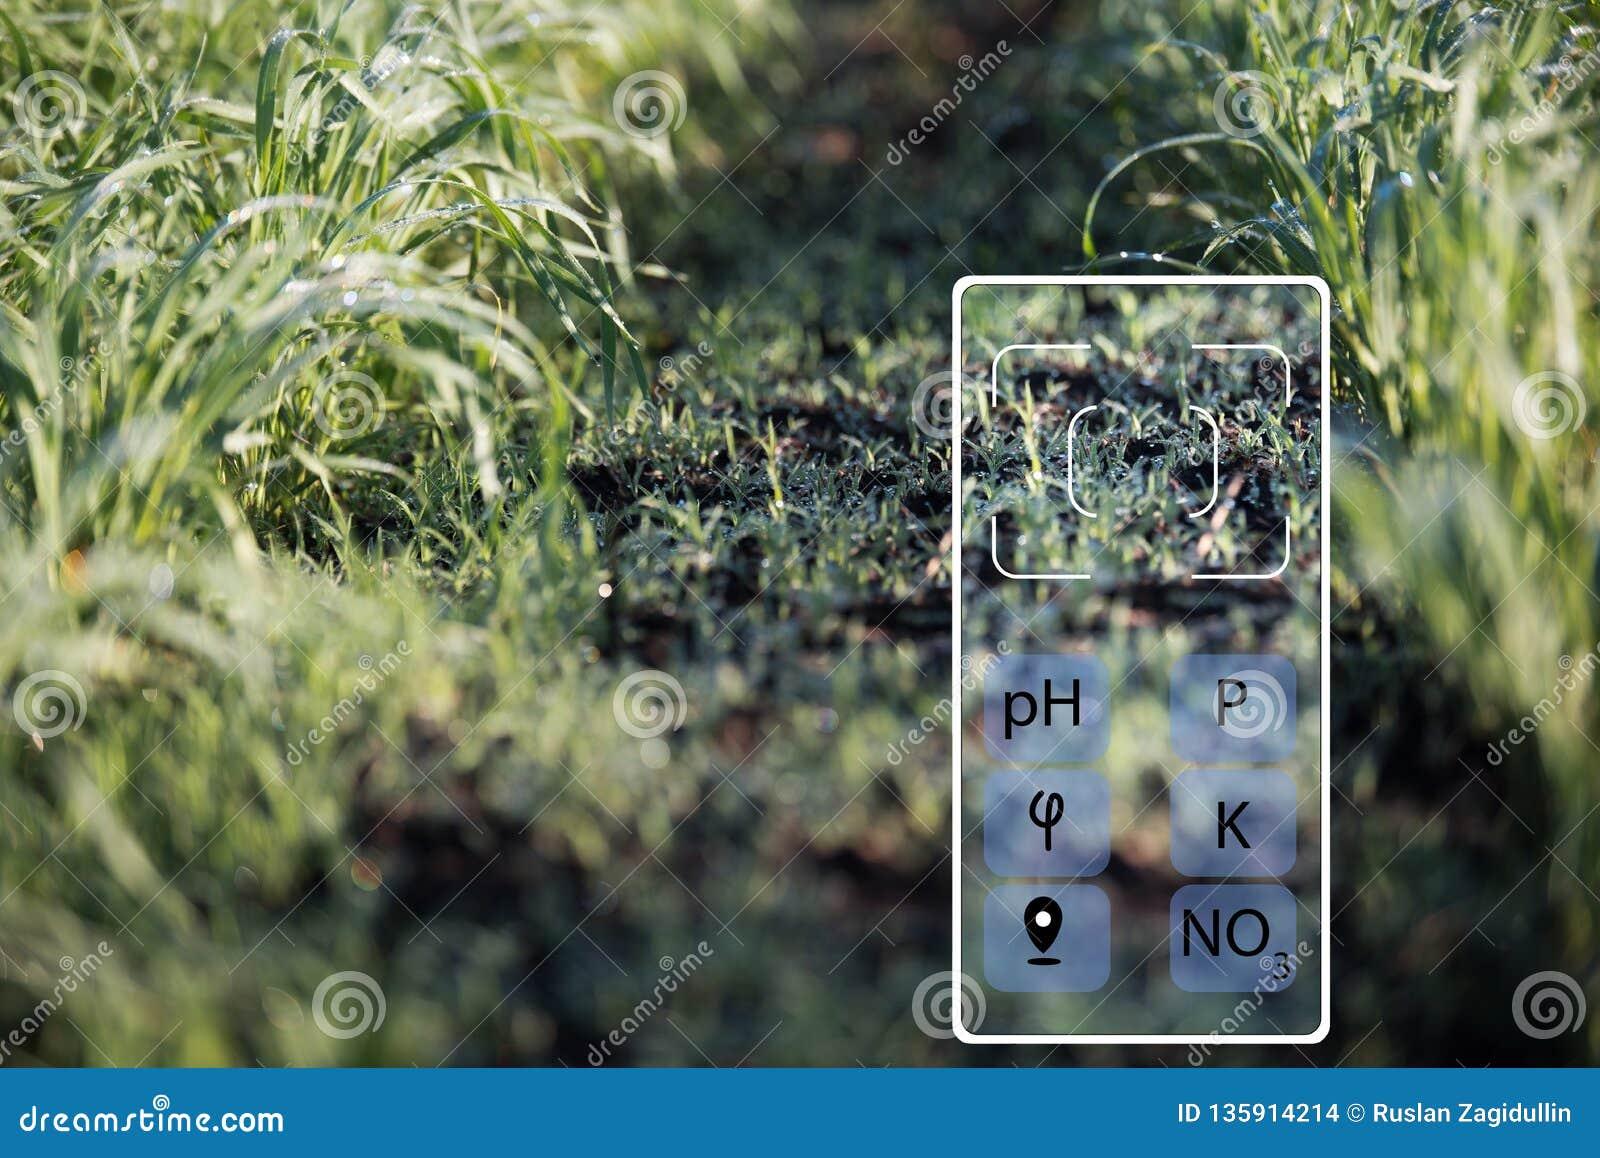 Con la ayuda de un smartphone determinar el estado de la acidez del suelo, humedad, fósforo, potasio, nitrógeno del nitrato